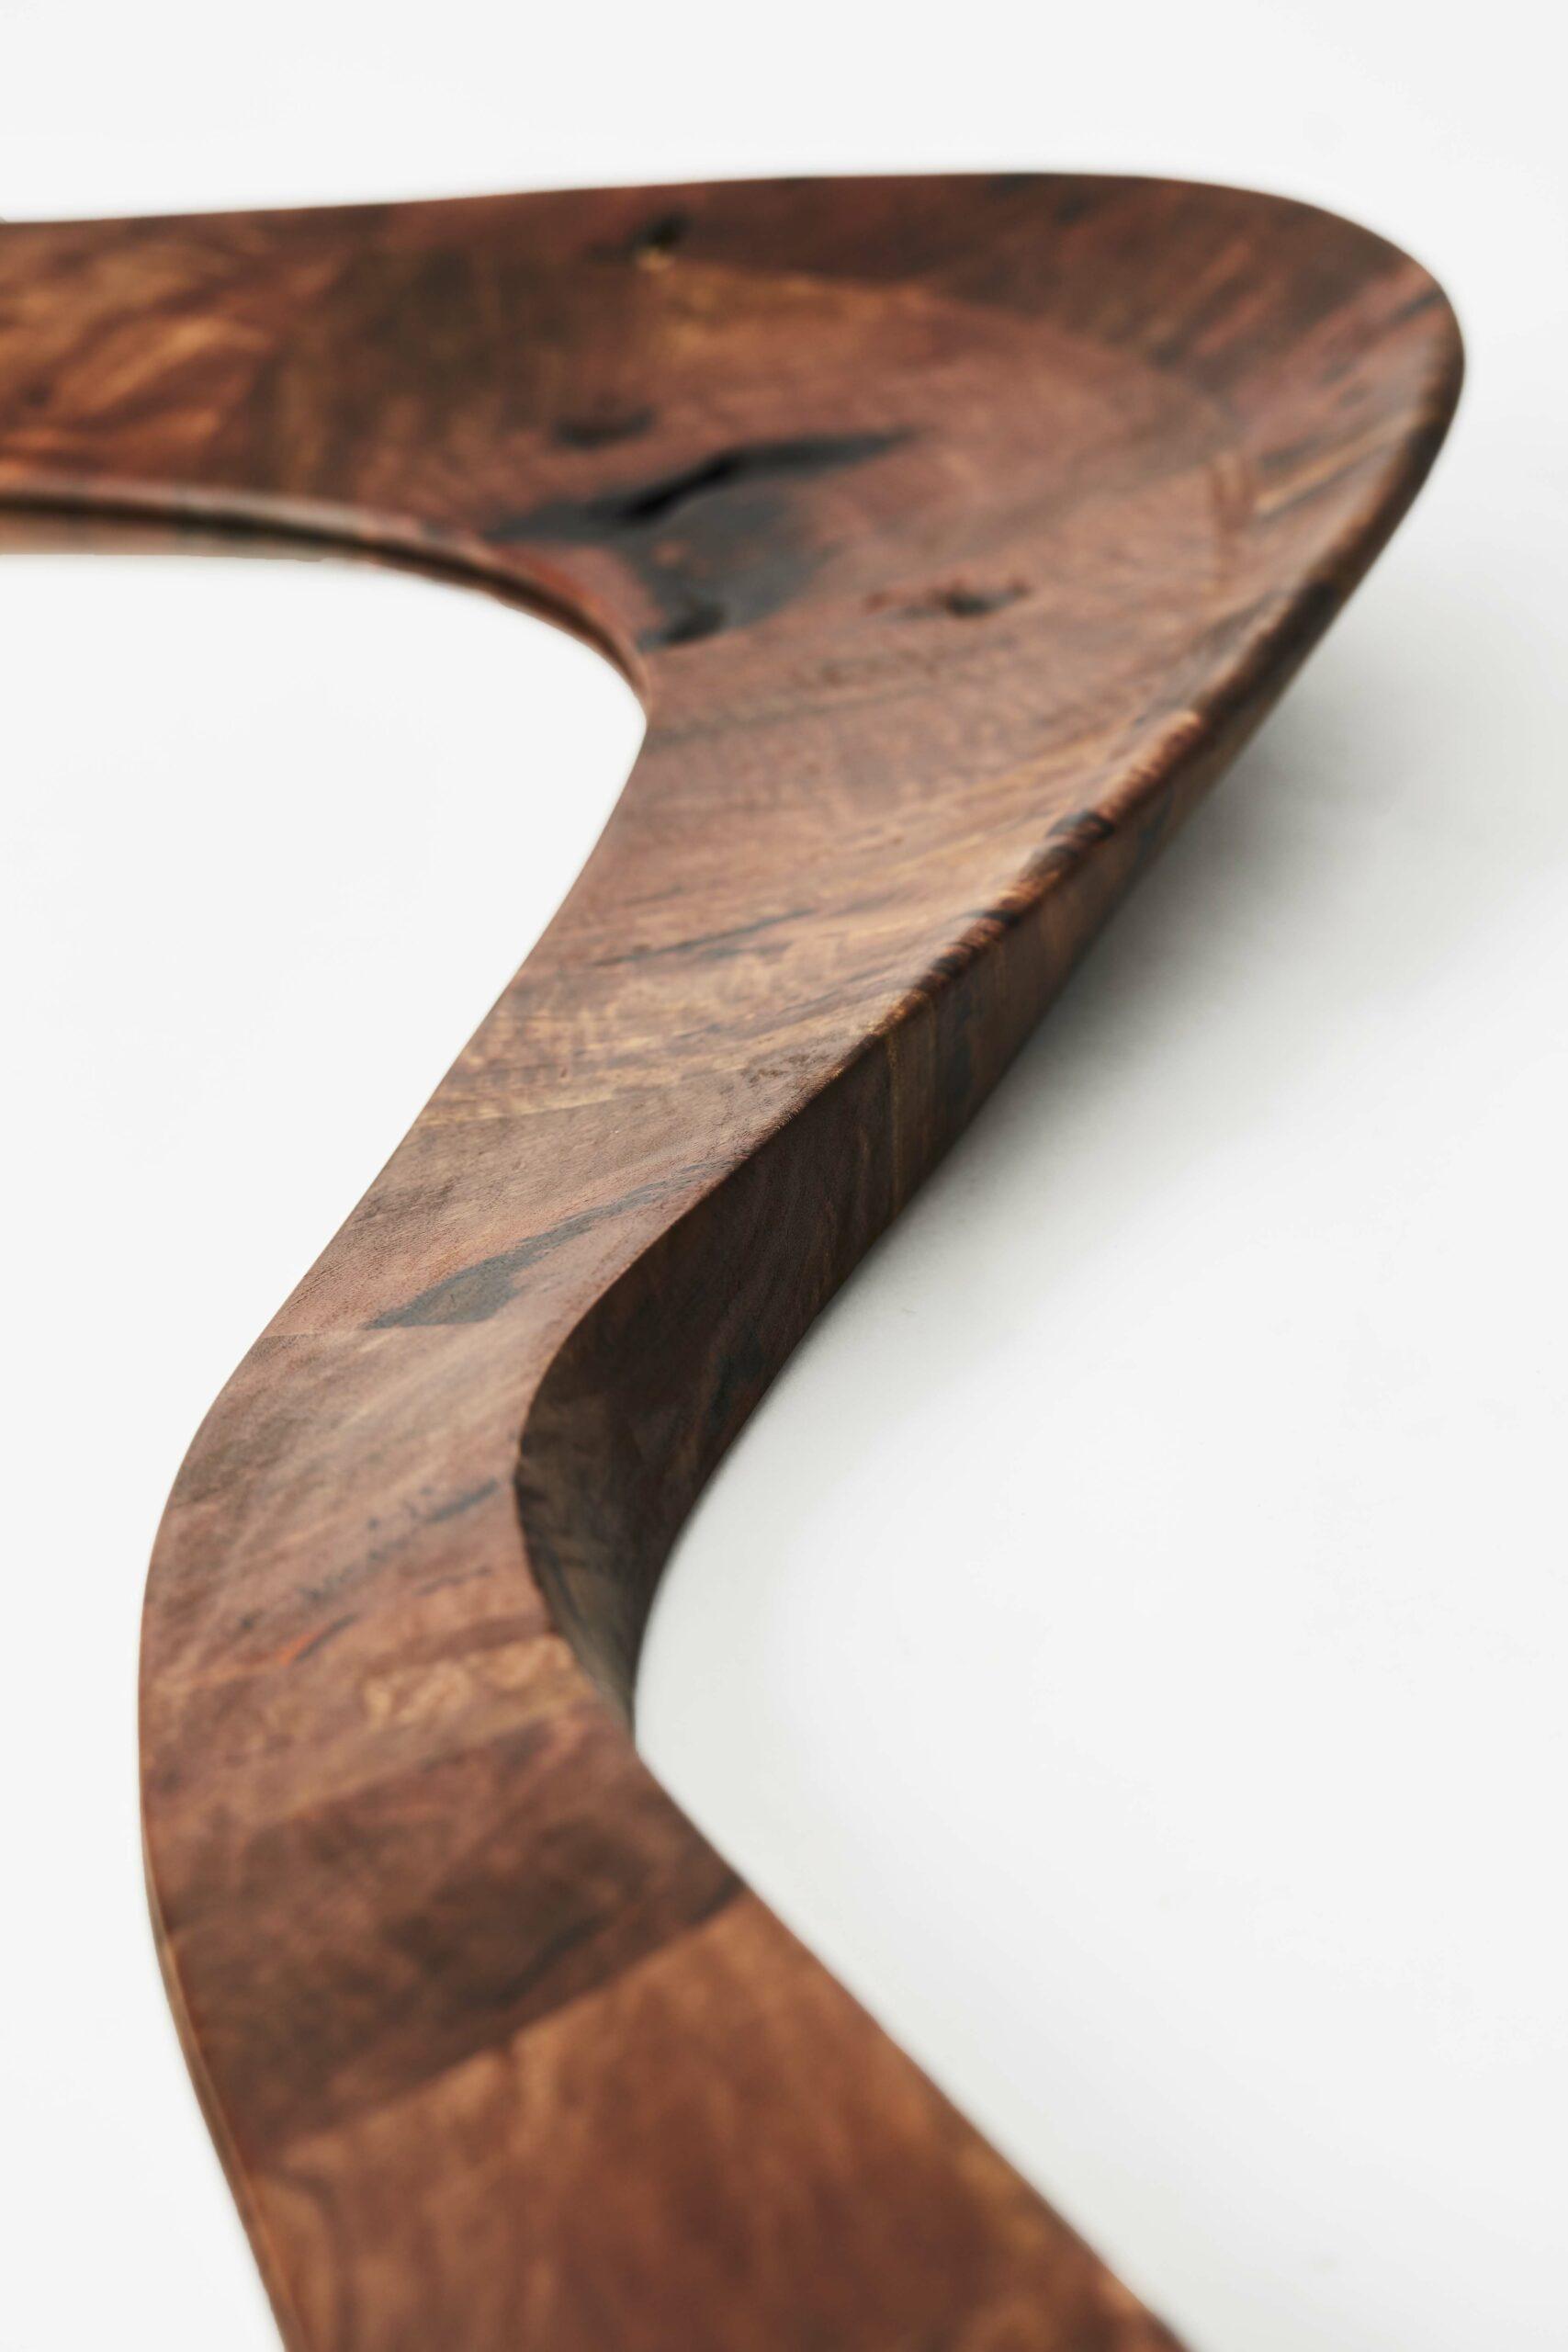 Art - contemporain - galerie d'art - bois - sculpture - miroir - Maxime Goléo